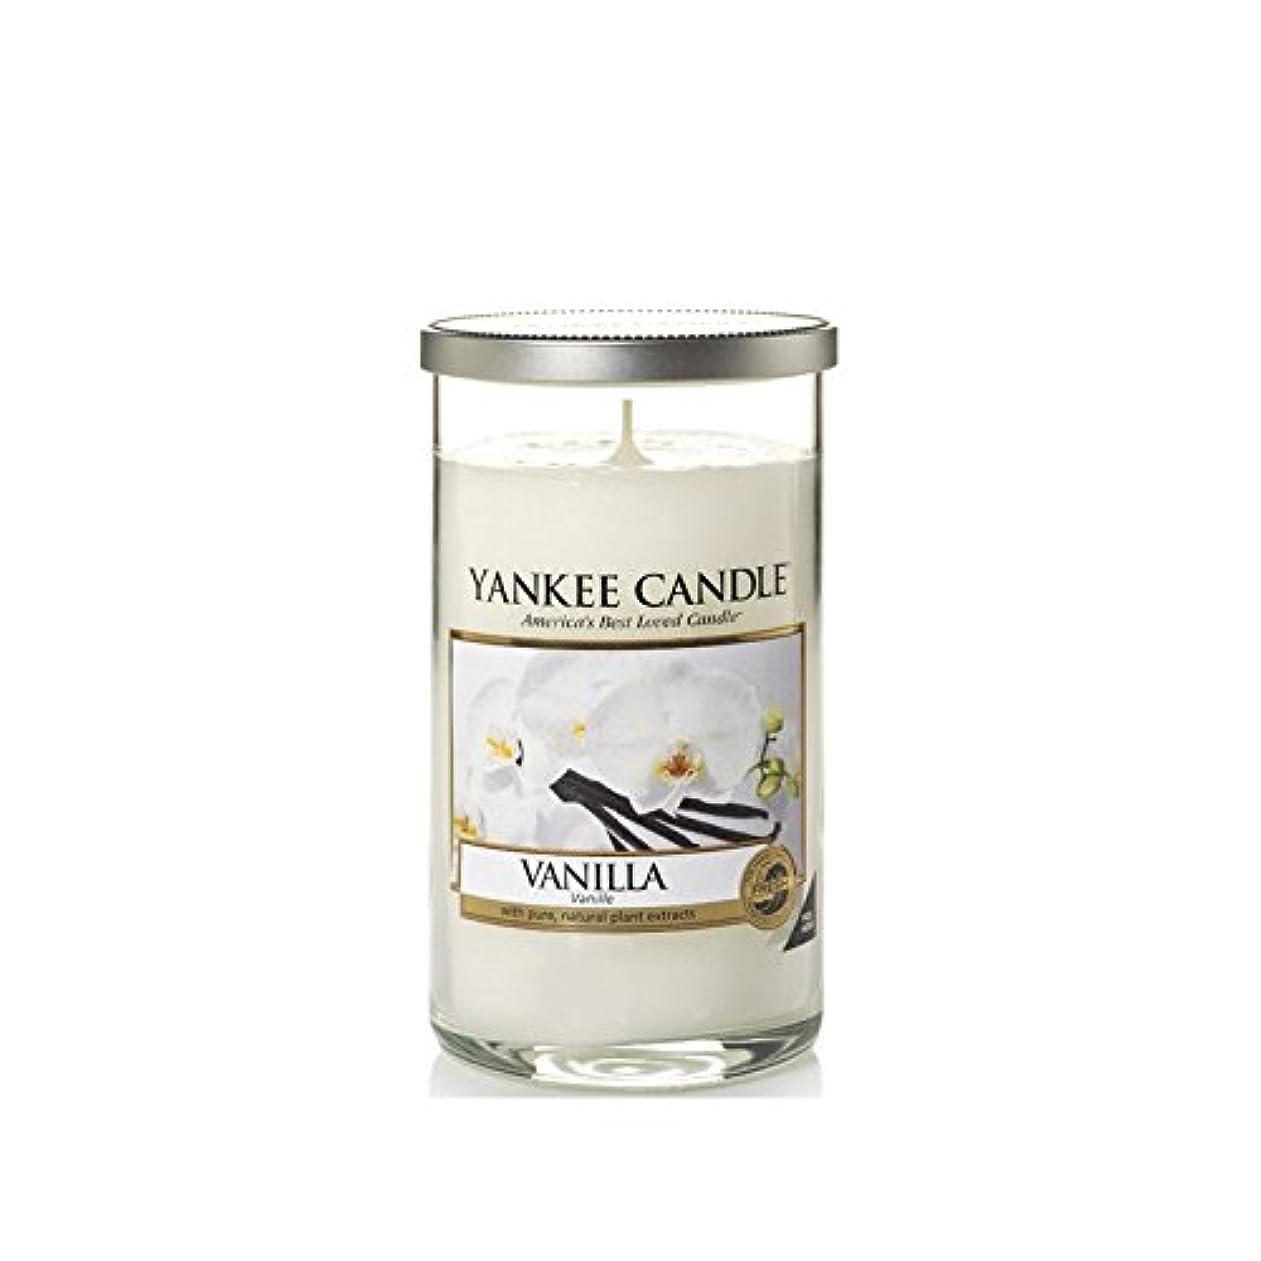 プロフィールクリスチャン歩行者Yankee Candles Medium Pillar Candle - Vanilla (Pack of 6) - ヤンキーキャンドルメディアピラーキャンドル - バニラ (x6) [並行輸入品]